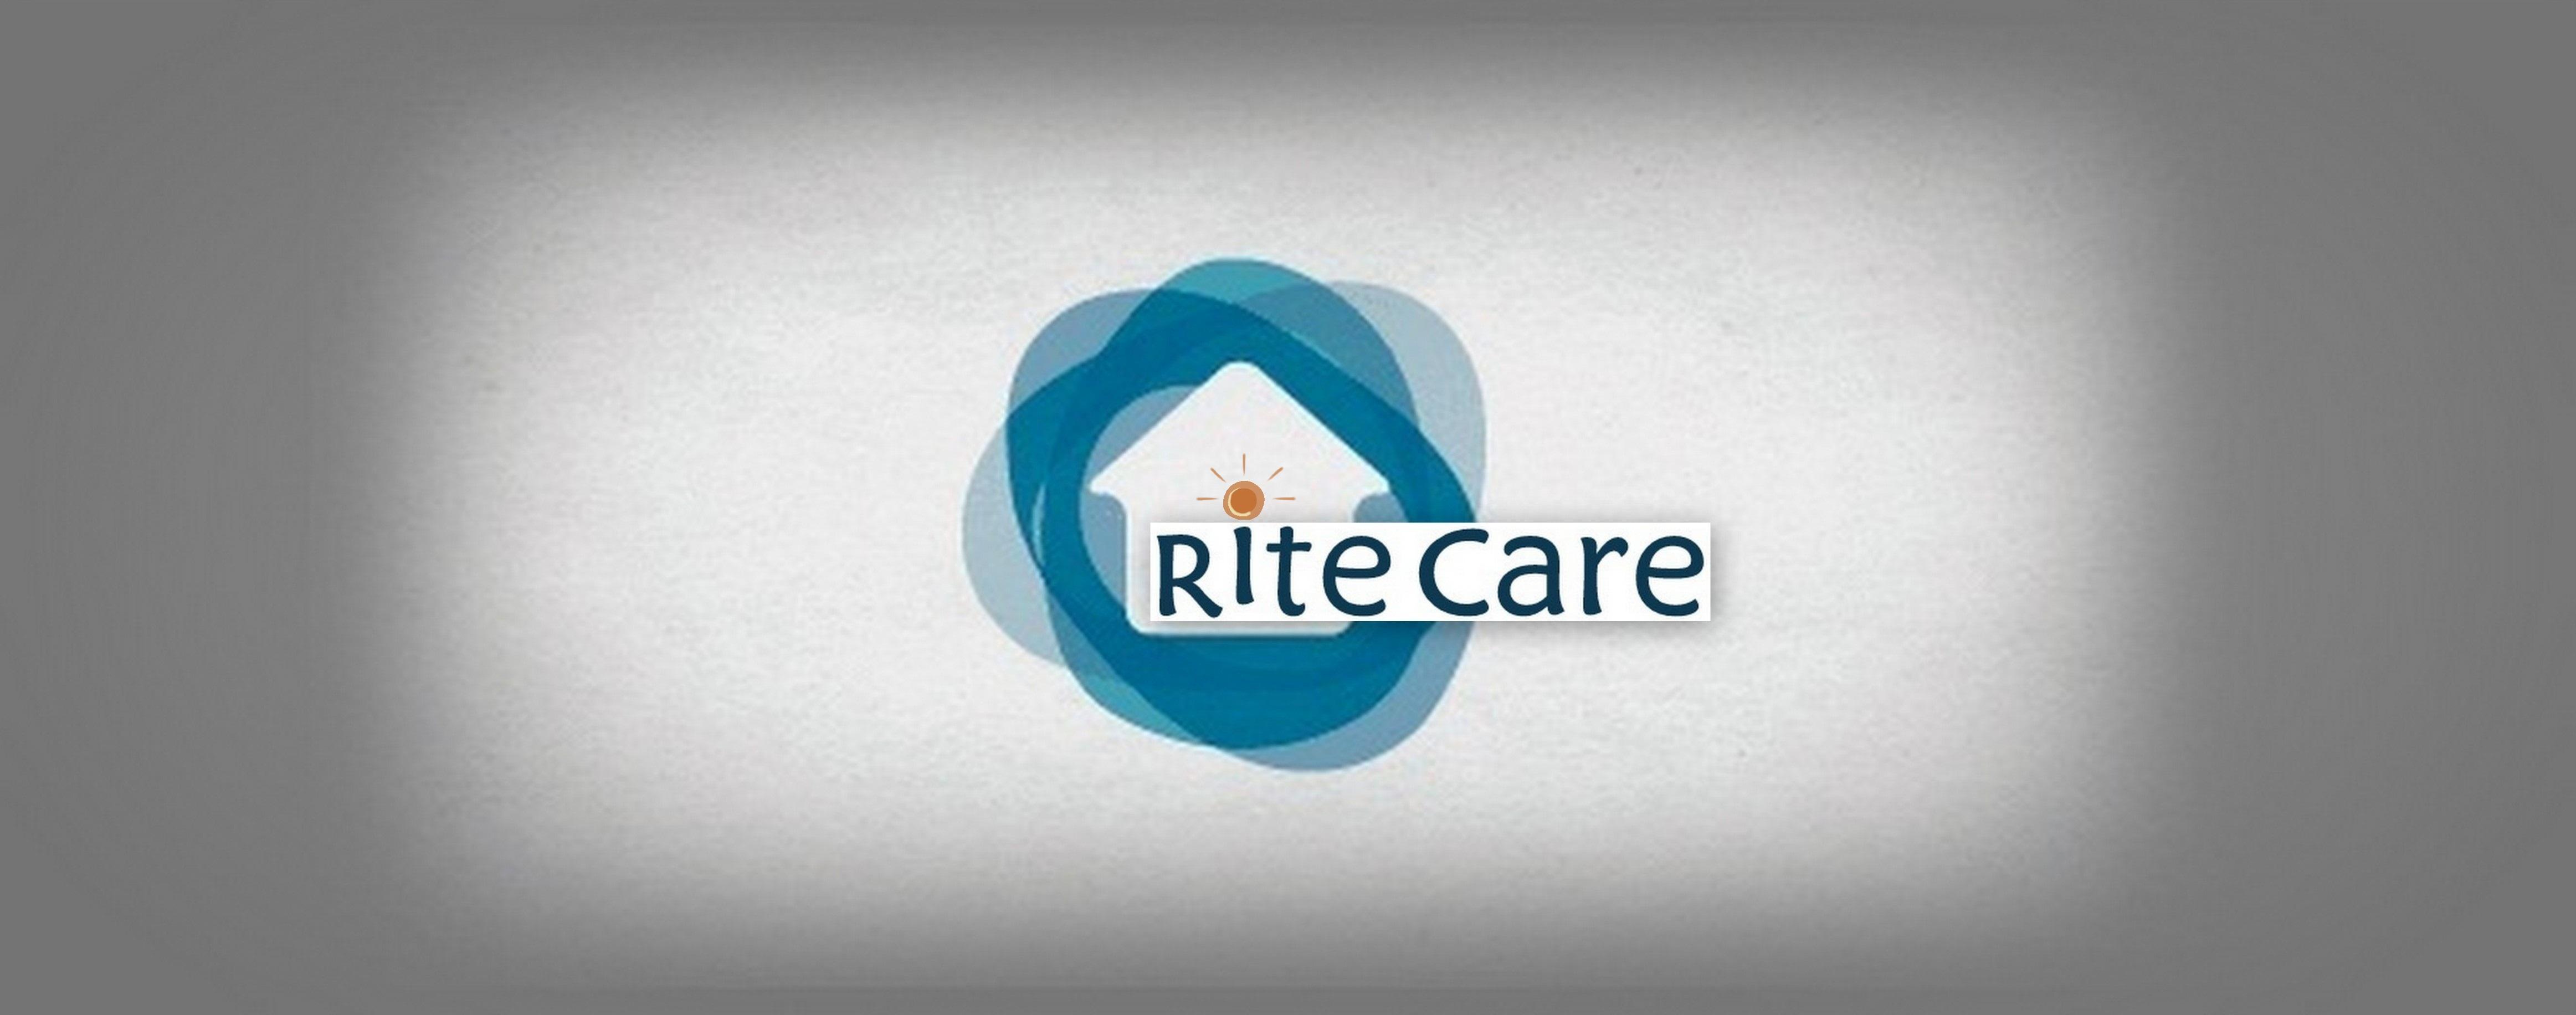 Rite Care™